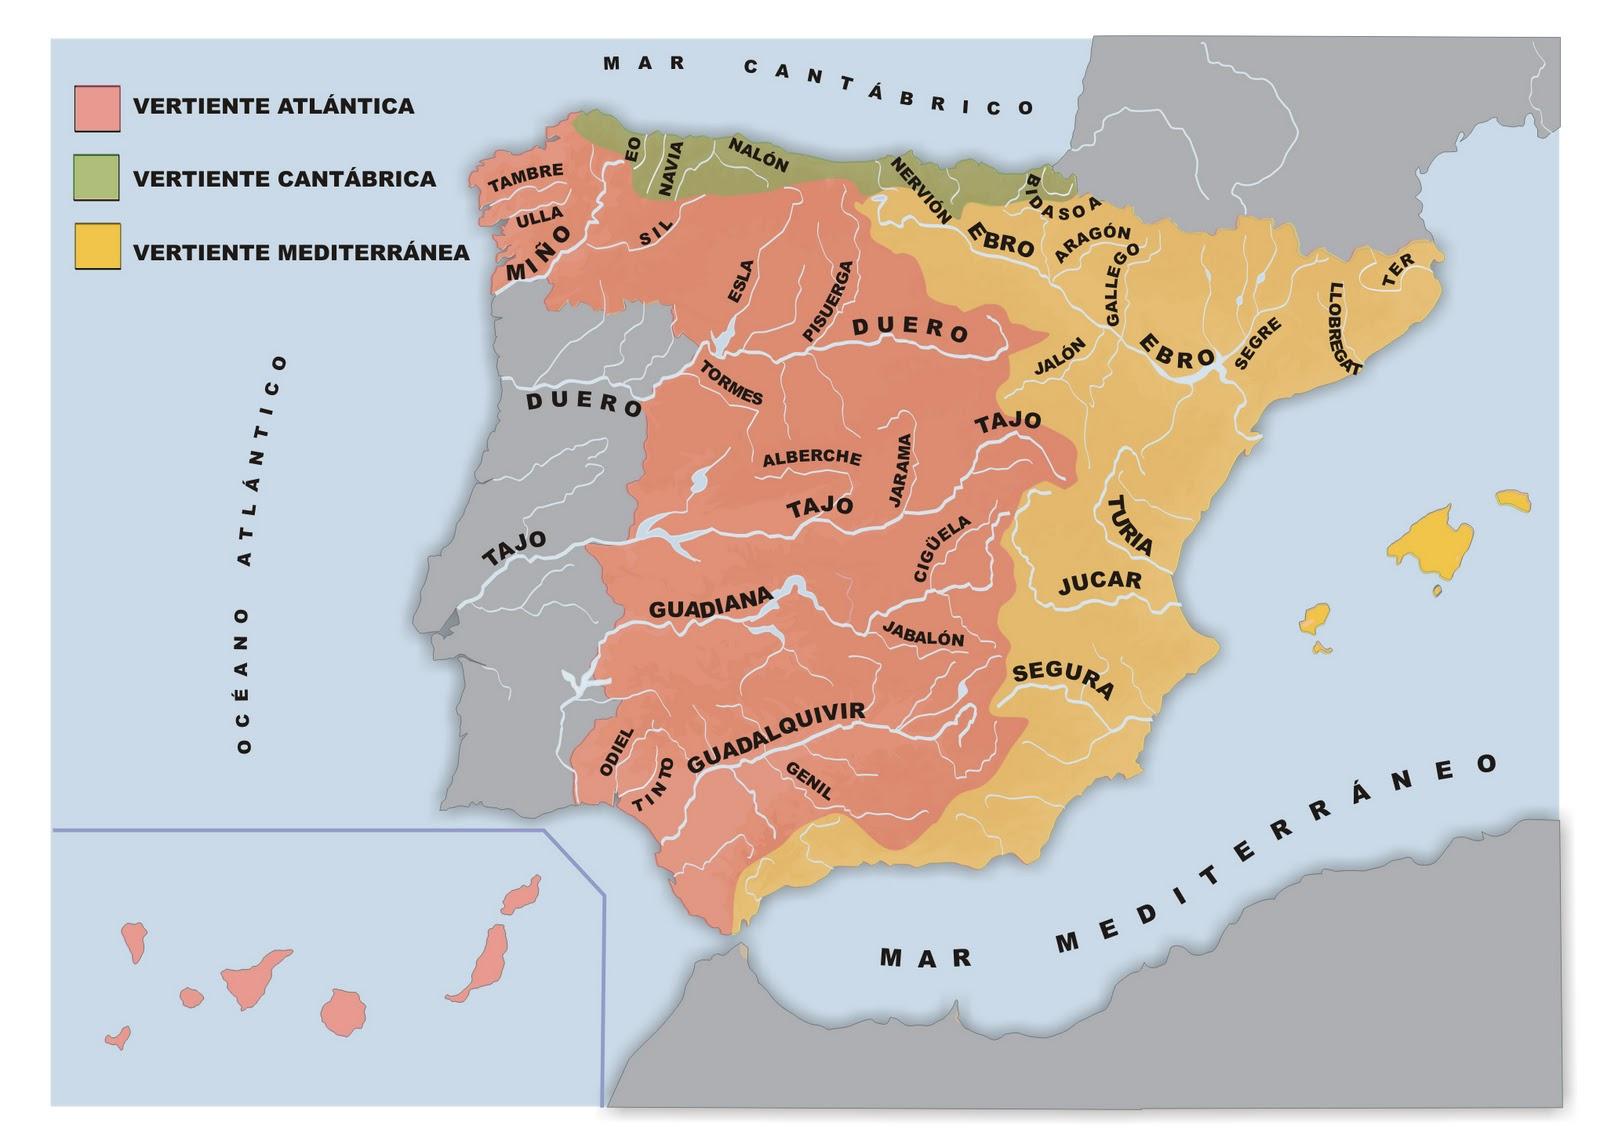 Mas De 100 Imagenes Y Mapas De Rios De Espana